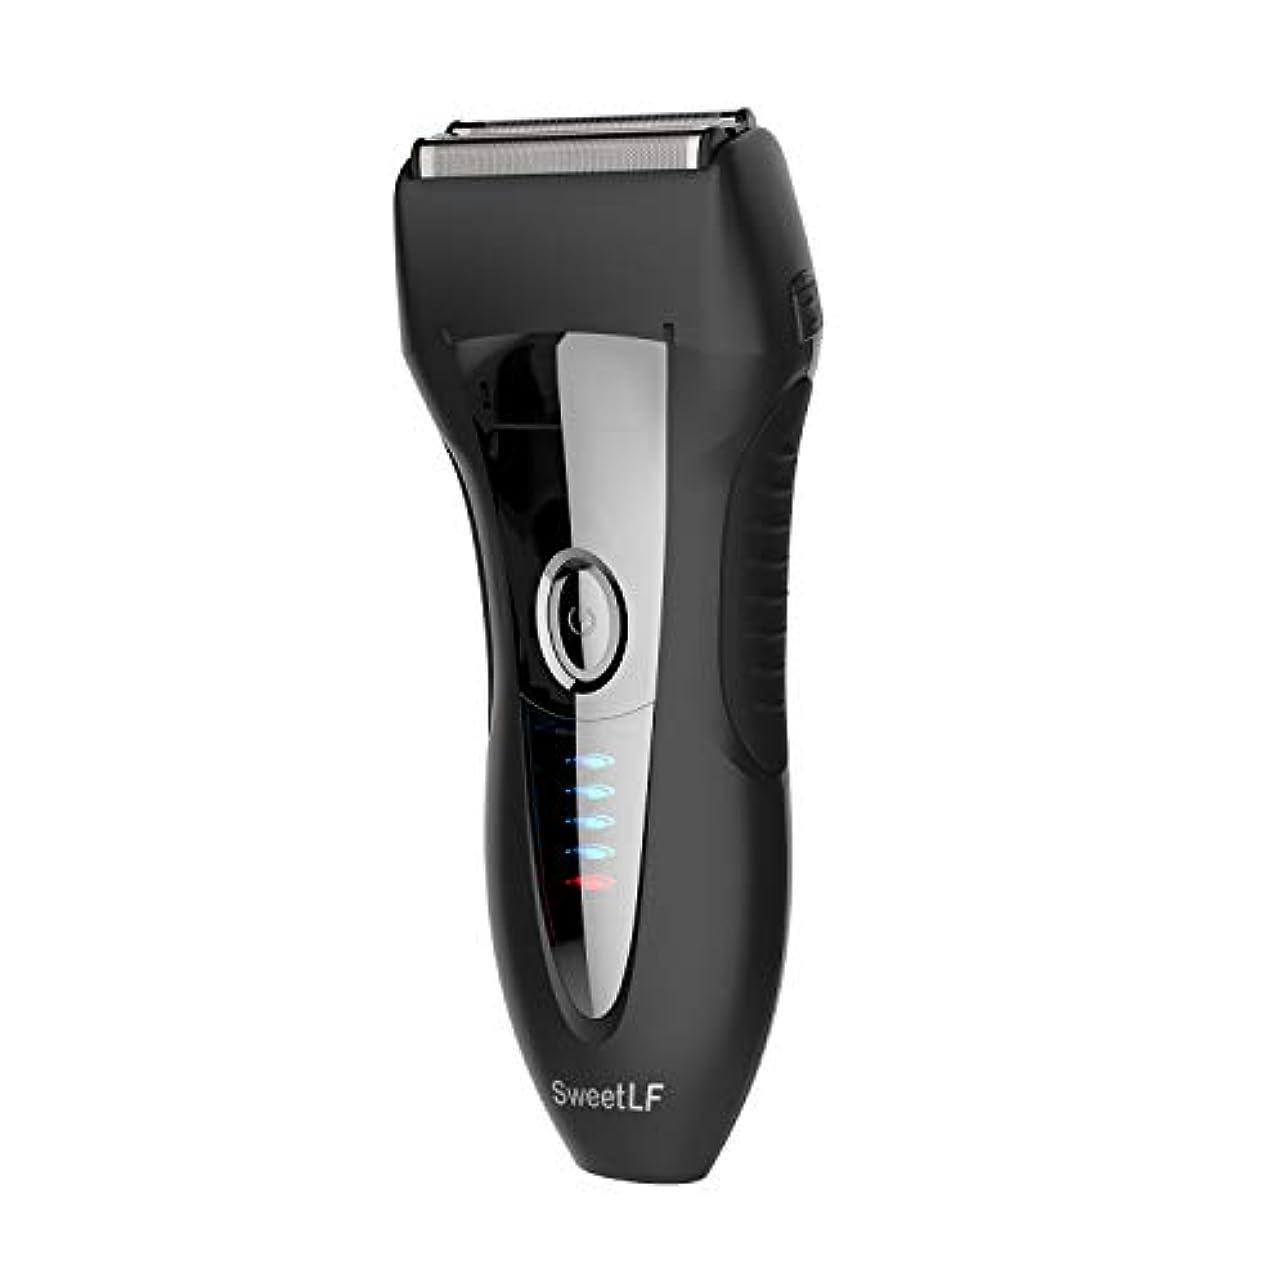 物理的に電気機密SweetLF シェーバー メンズ 電気シェーバー ひげそり 電気カミソリ 往復式 3枚刃 USB充電式 お風呂剃り可 LED電源残量表示 トリマー付き